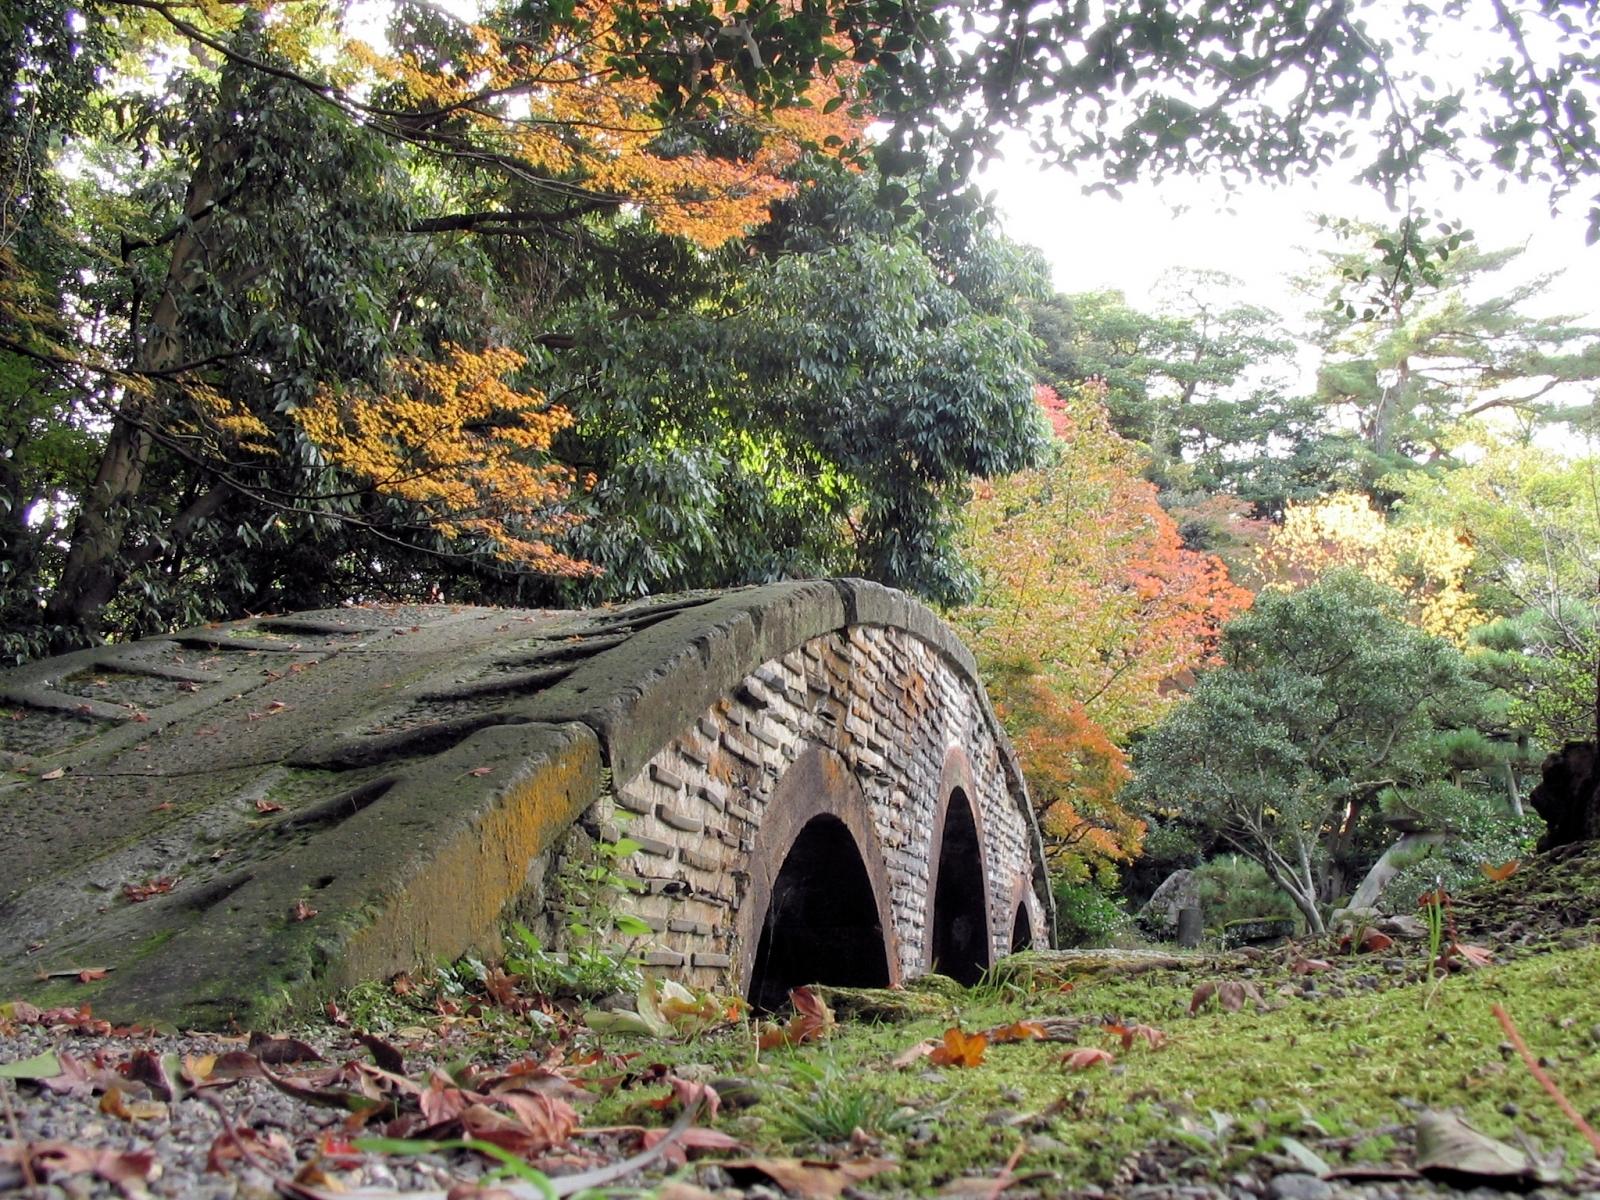 Скачать картинку Пейзаж, Мосты, Деревья, Осень в телефон бесплатно.